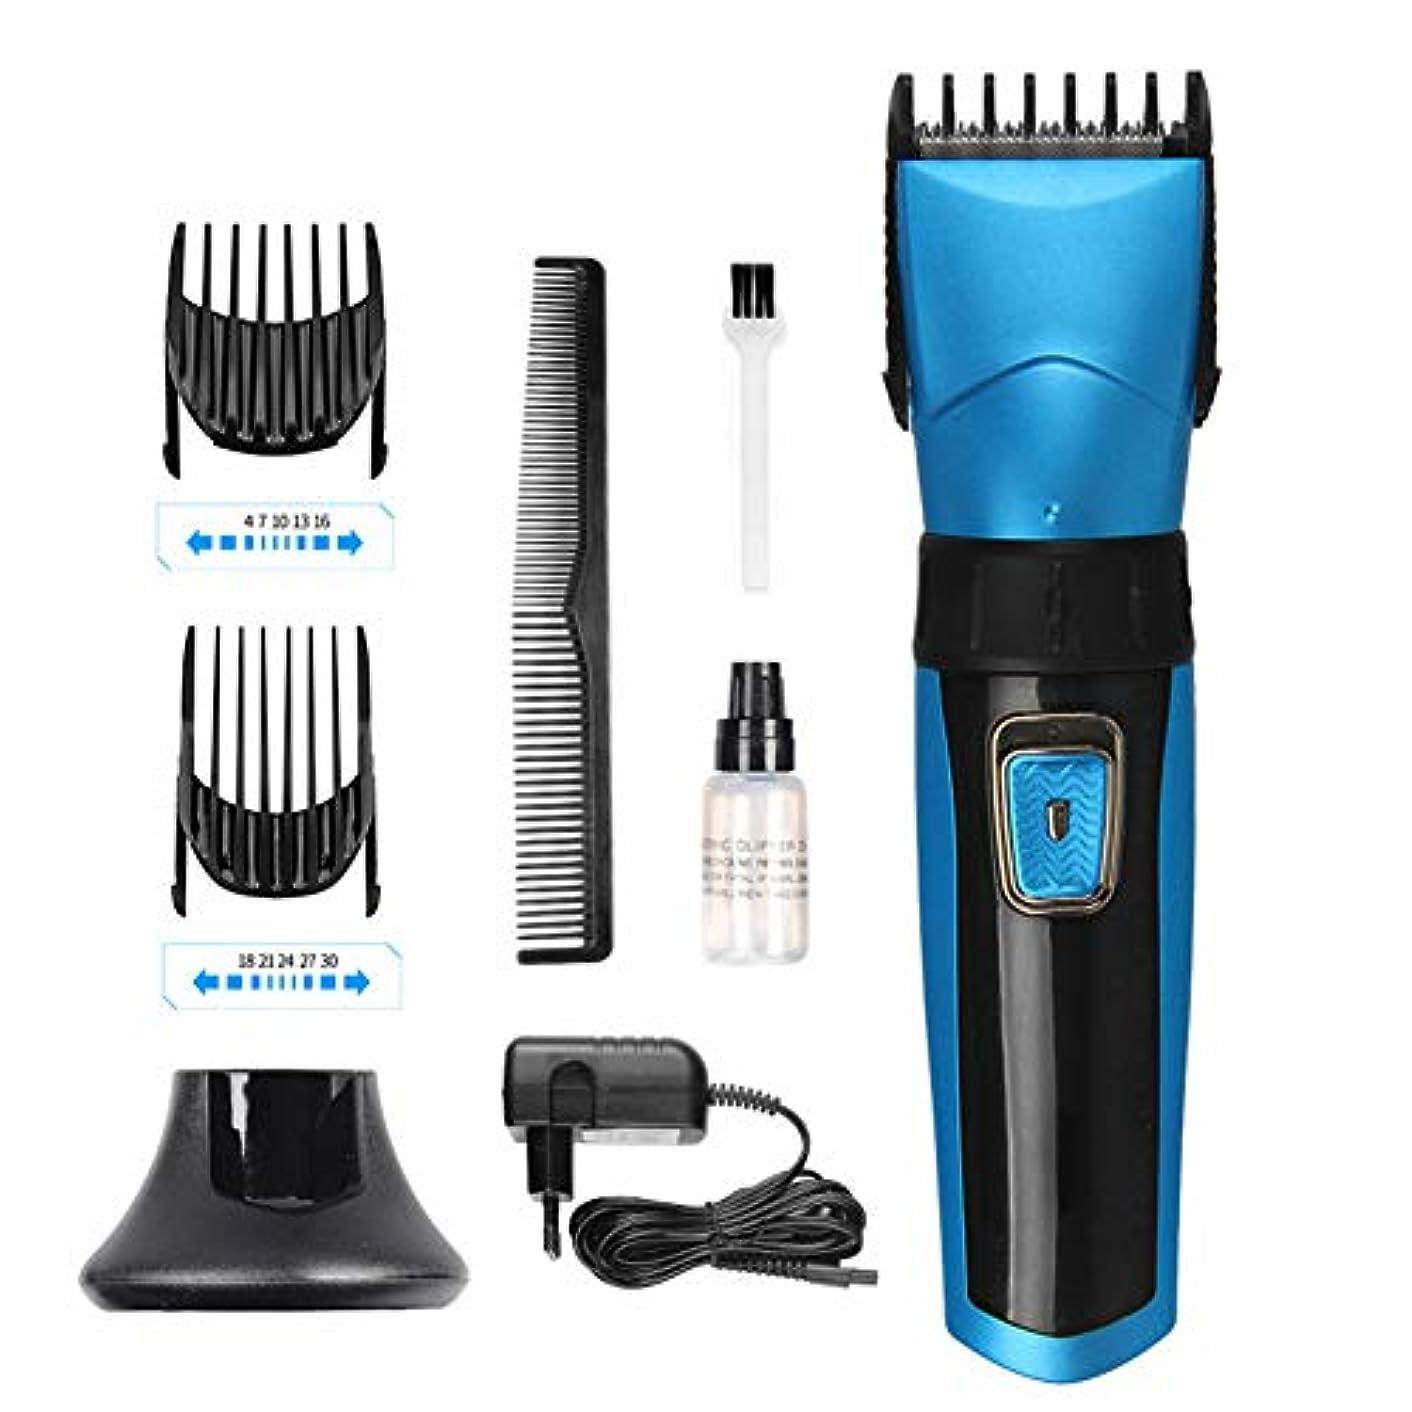 八百屋さん酸素浮浪者バリカン男性の電気カッターの毛の打抜き機のための専門のクリッパーの毛のトリマーのひげ